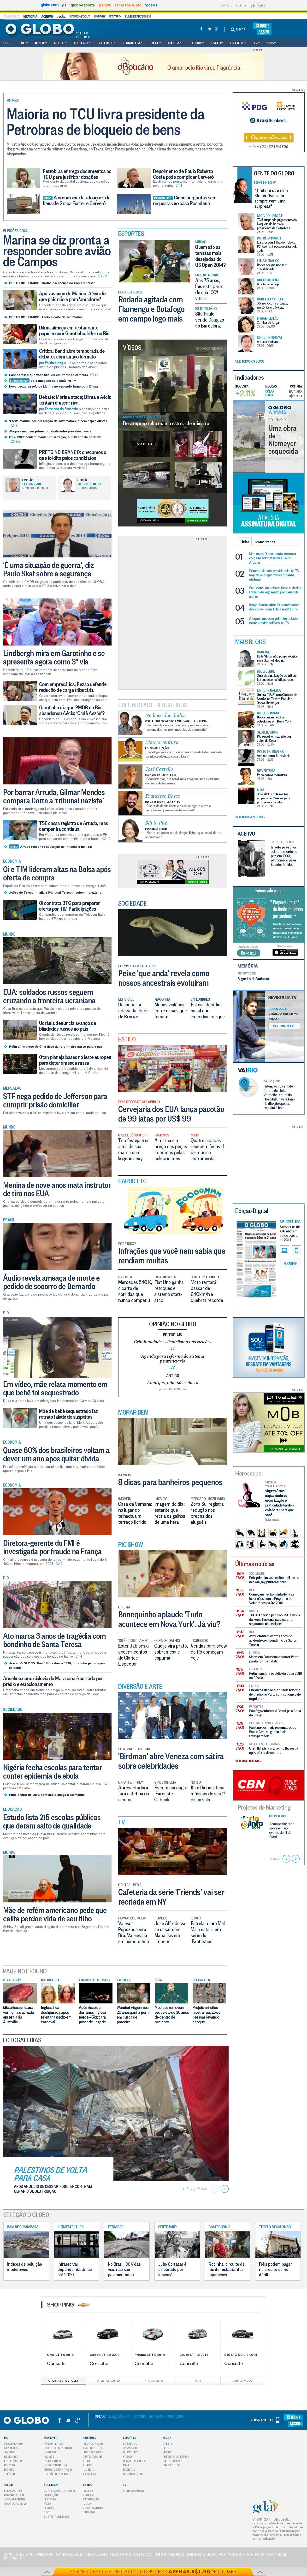 O Globo at Wednesday Aug. 27, 2014, 10:06 p.m. UTC